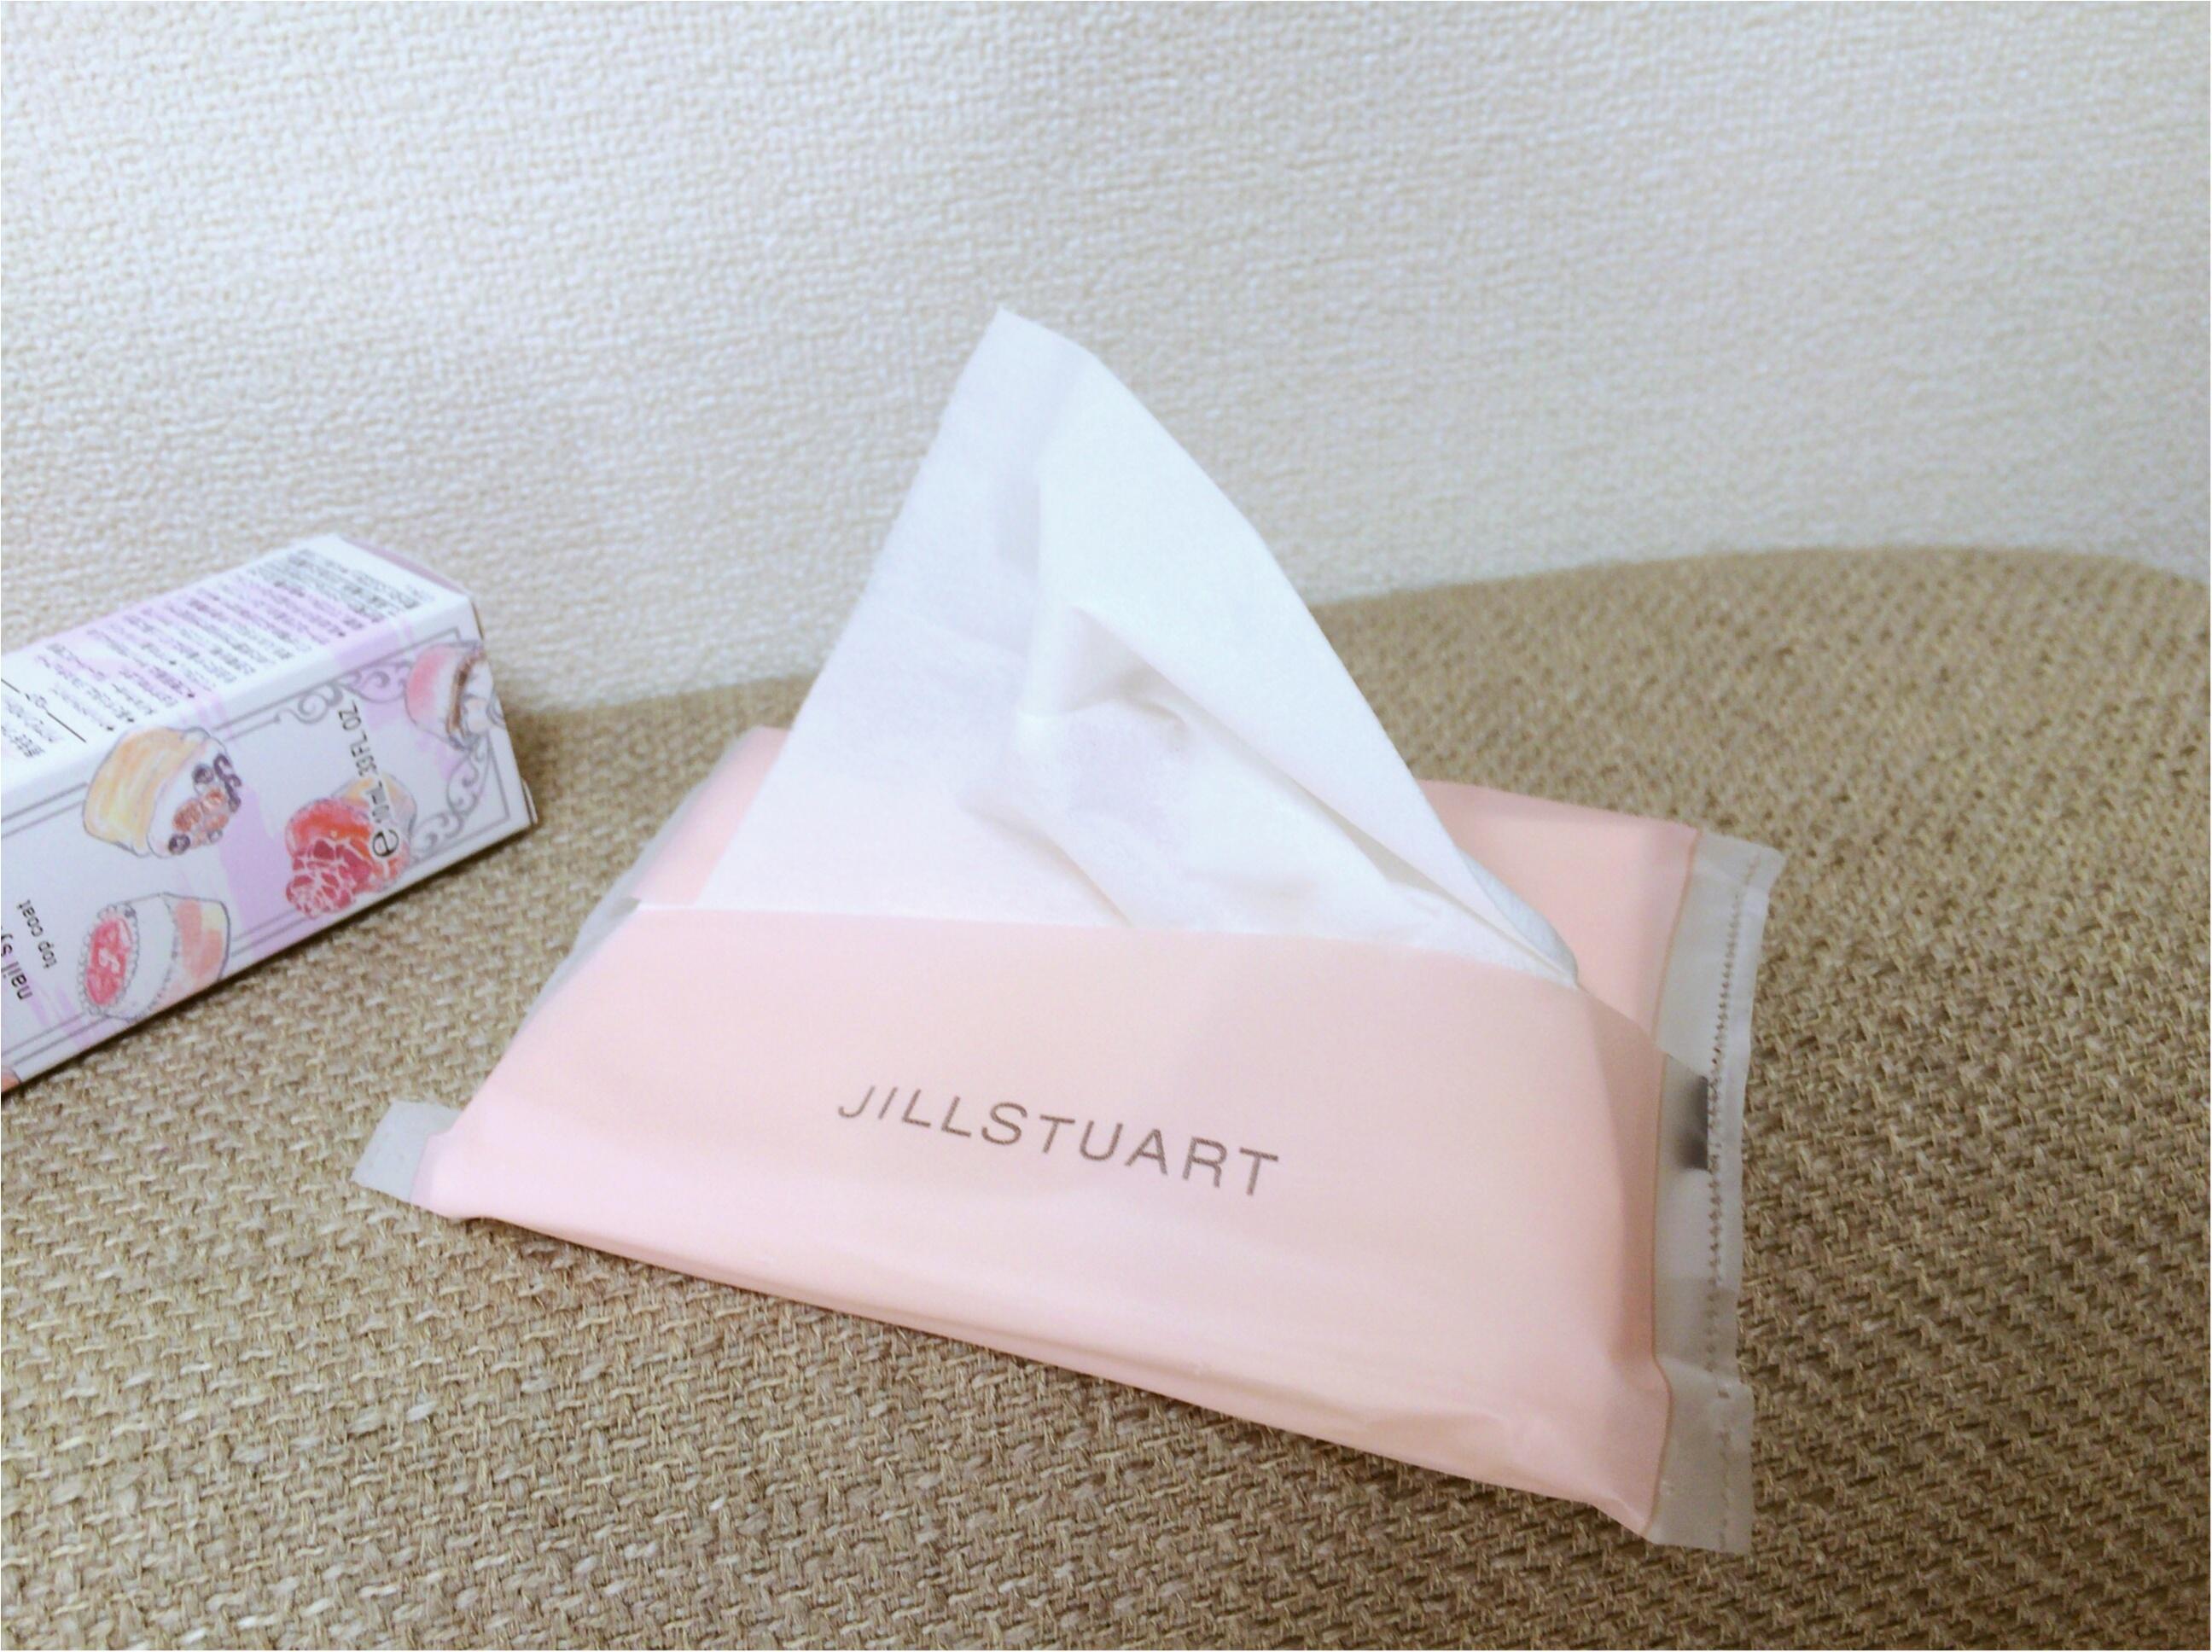 【ジル春コレ】まるで、ストロベリーシロップ♡なピンクが可愛すぎ!限定《トップコート》_7